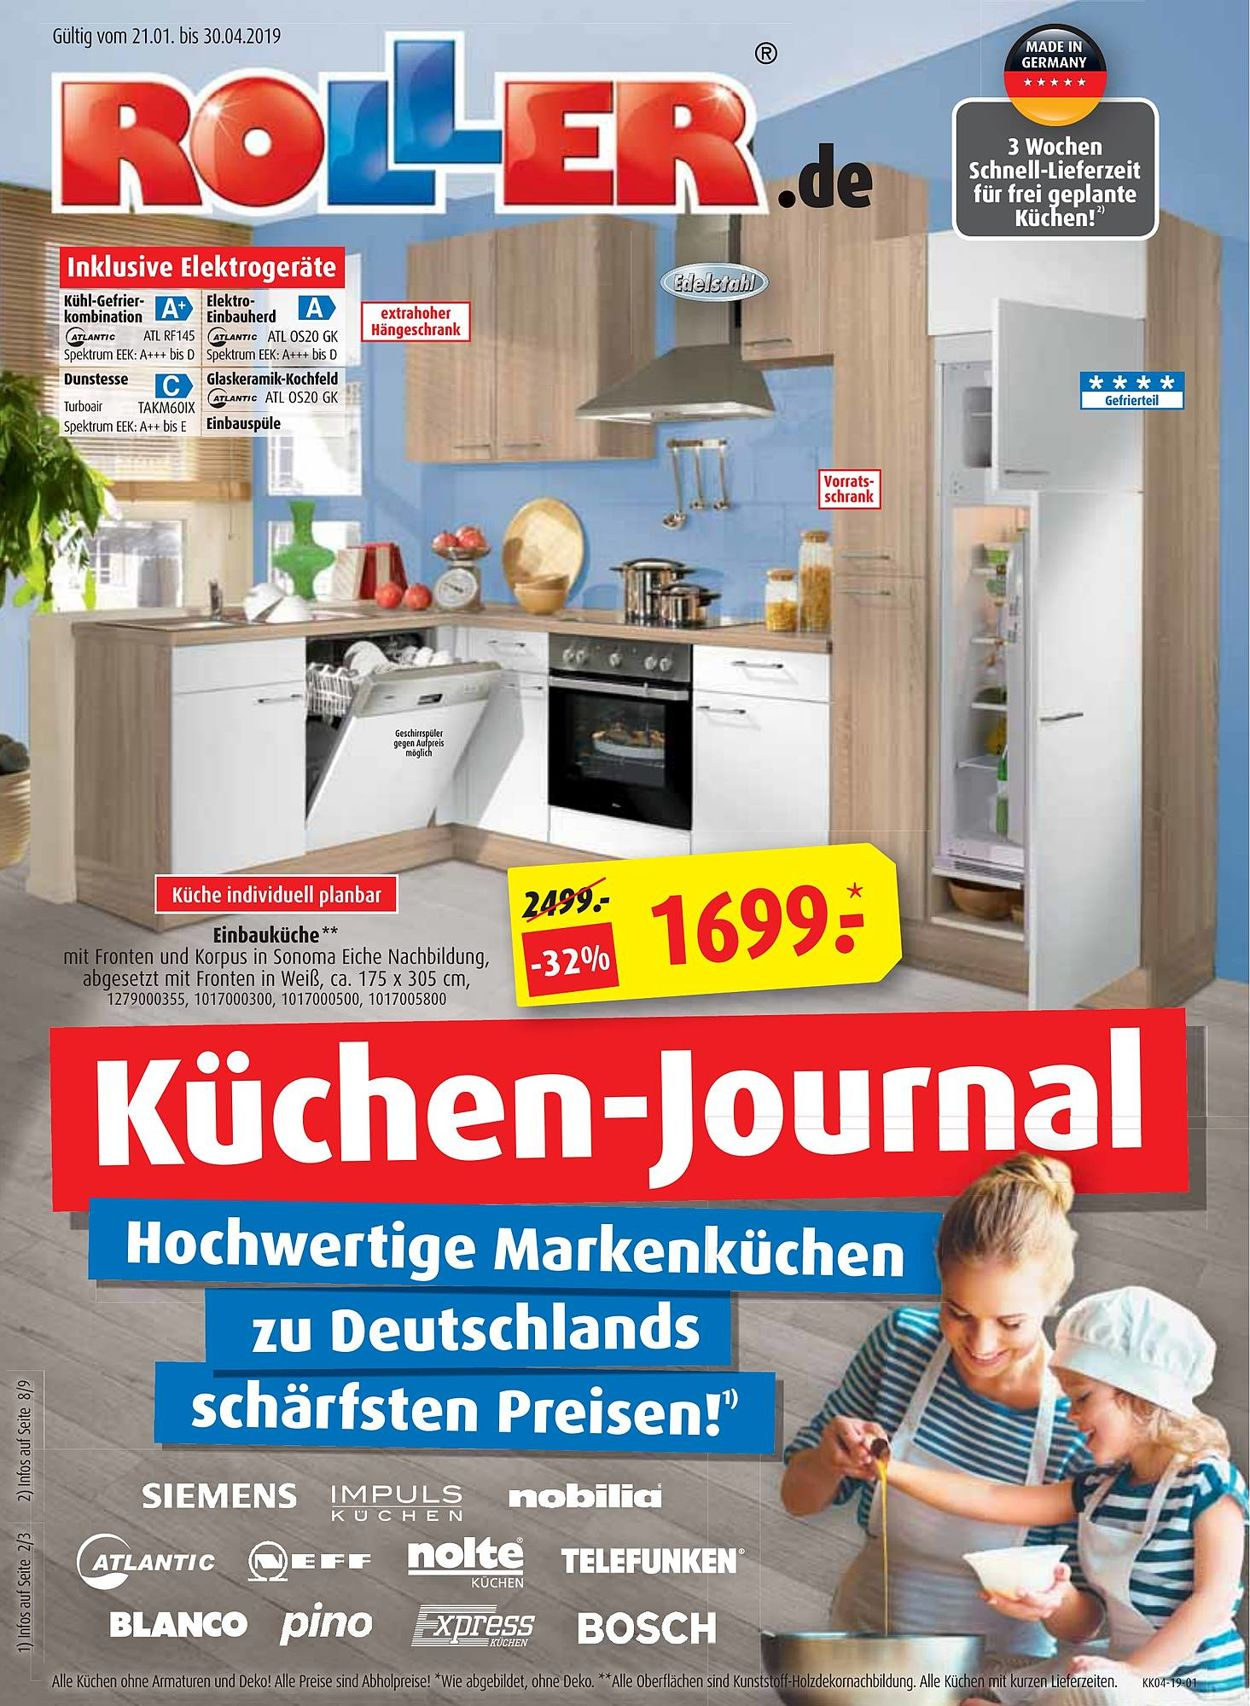 Full Size of Küchen Roller Angebote 20 Knstlerisch Betten Regal Regale Wohnzimmer Küchen Roller